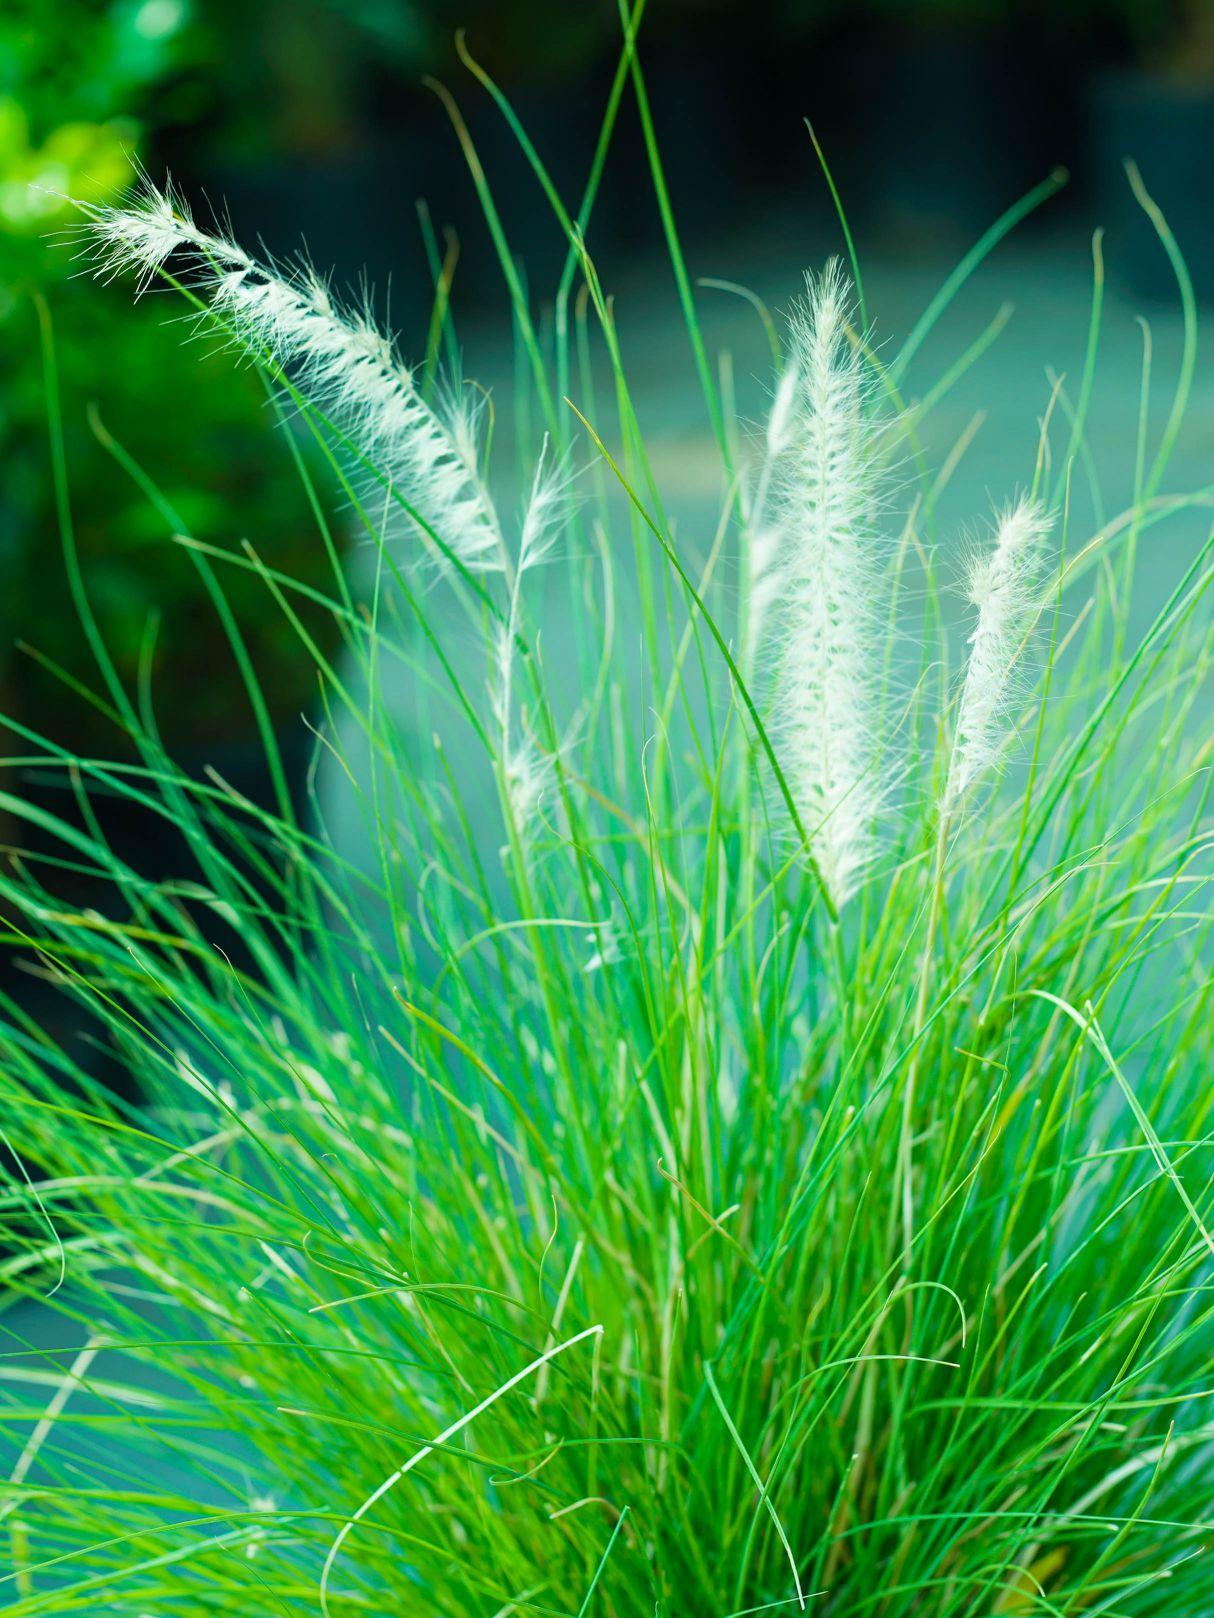 بننسيتوم ساتيسم 'نباتات خارجية شجيرات